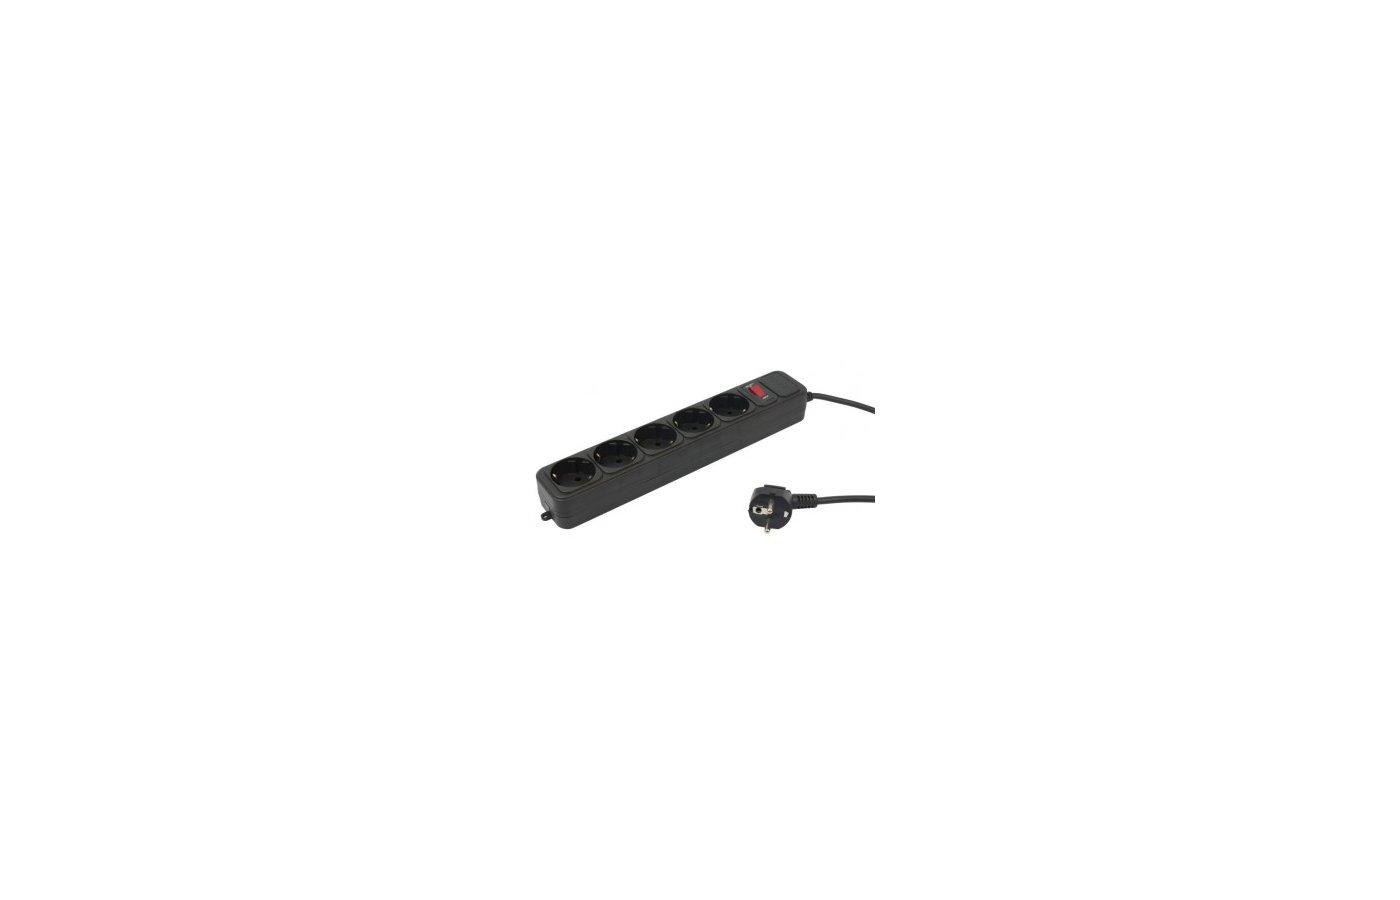 Сетевой фильтр PC Pet AP01006-5-BK 5роз./5м. черный